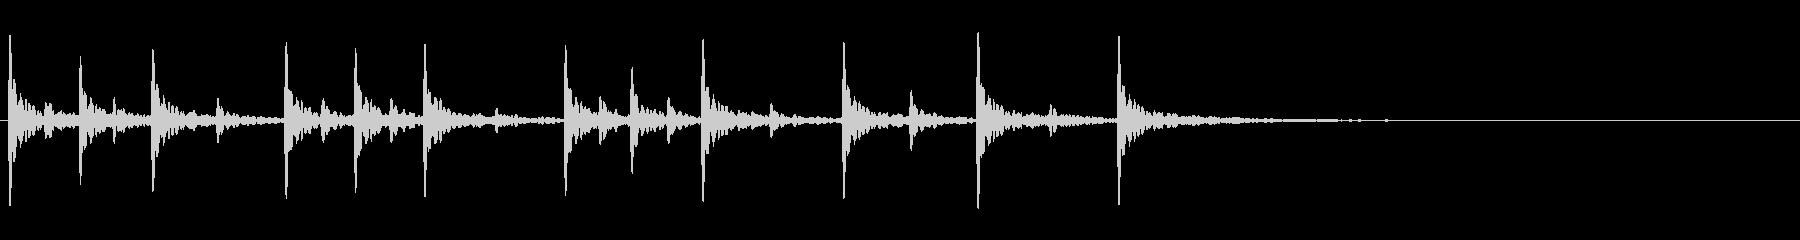 木製ブロックを叩く軽快なフレーズ音+FXの未再生の波形